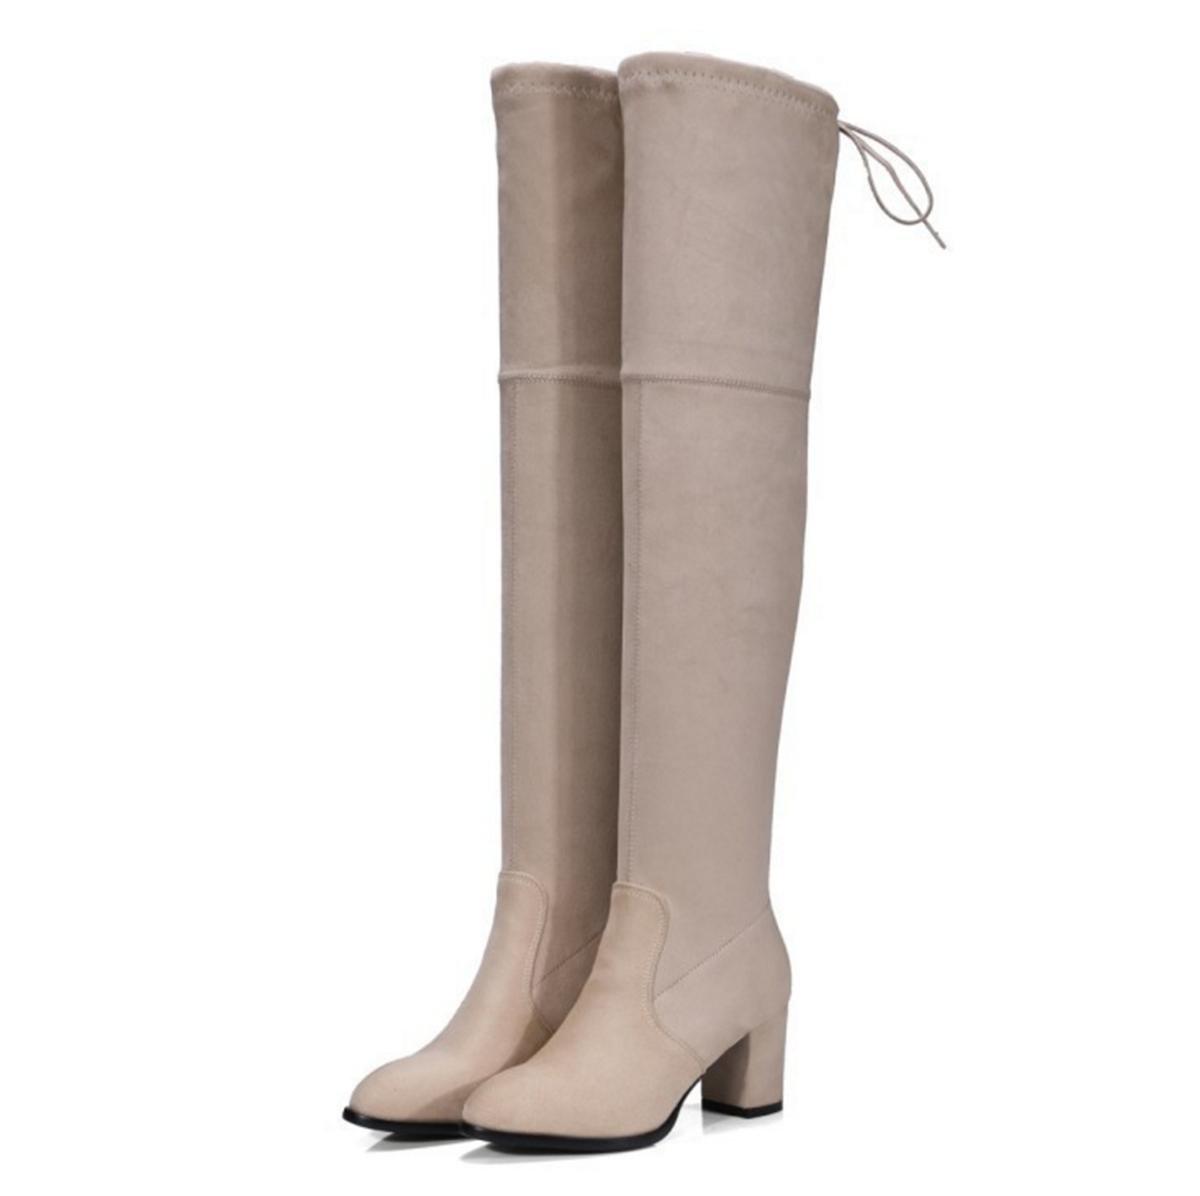 Donne Alta sopra ginocchio Stivali alti Stivali lunghi Nuova moda Testa rotonda Mid Rough Heel Scrub Stretch Black Primavera Autunno Inverno…